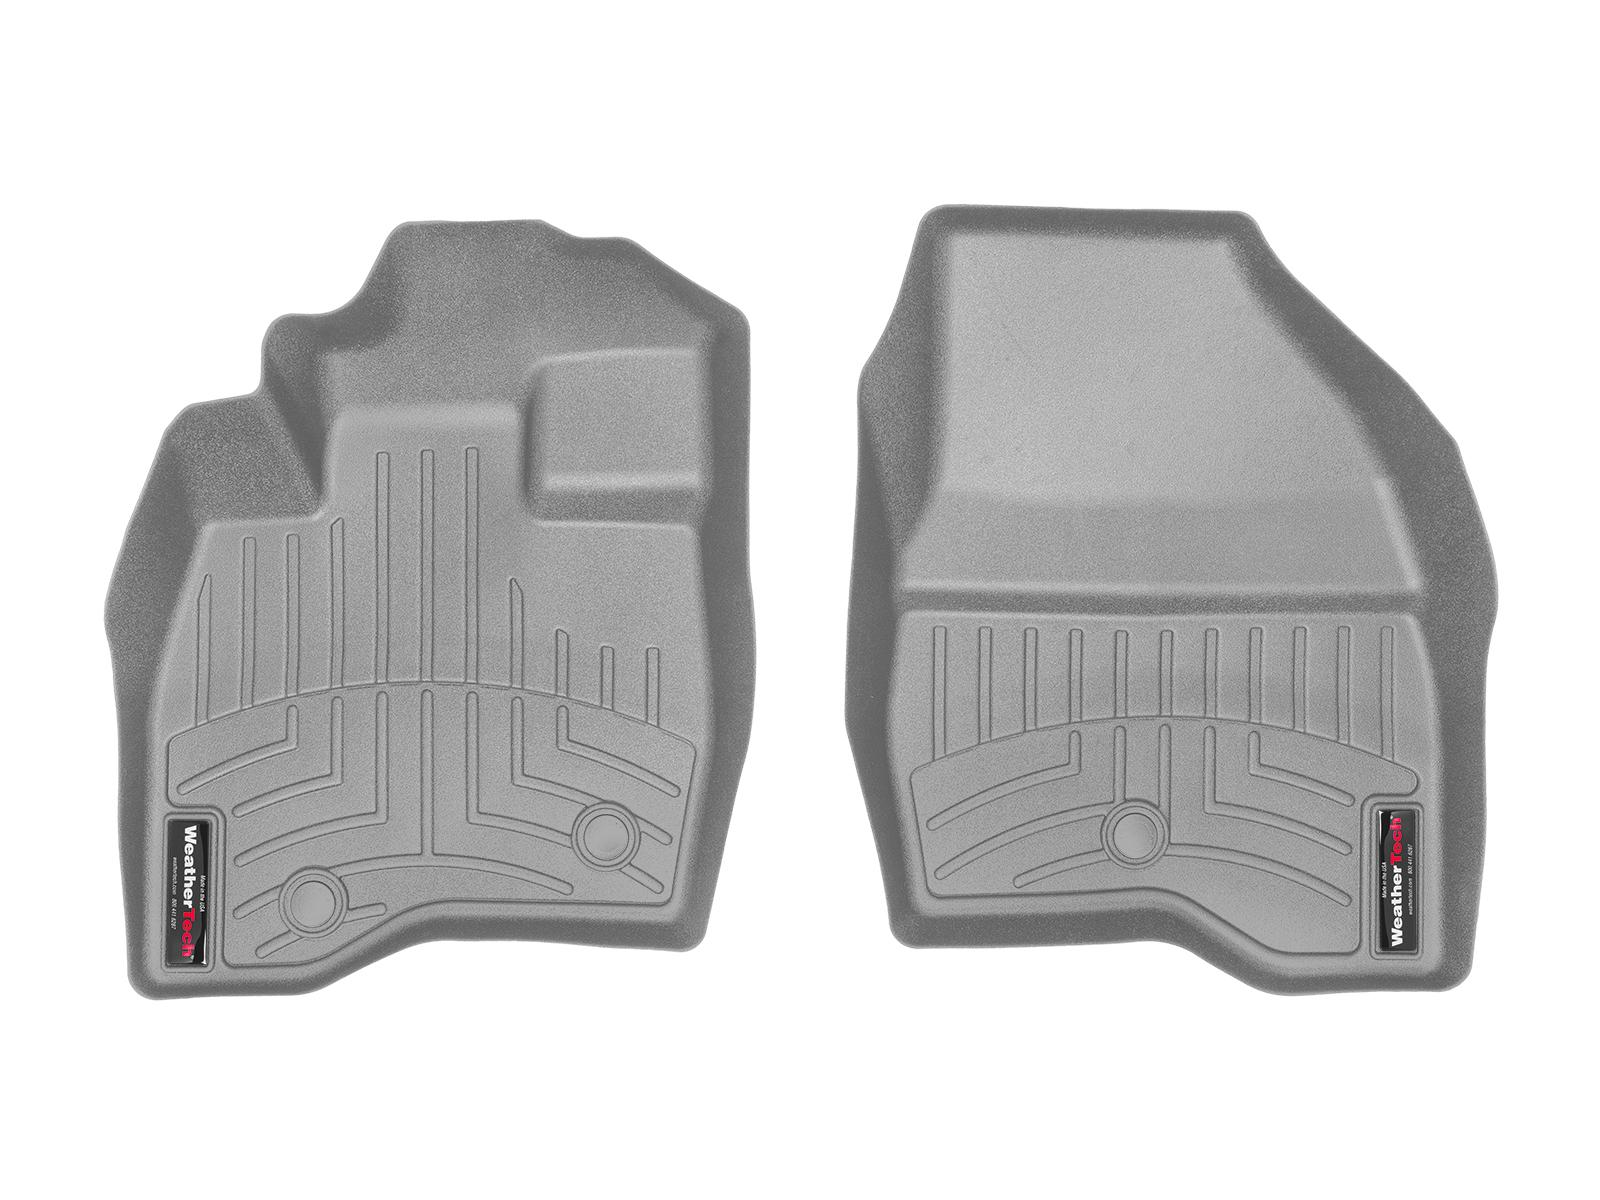 Tappeti gomma su misura bordo alto Ford Explorer 17>17 Grigio A882*